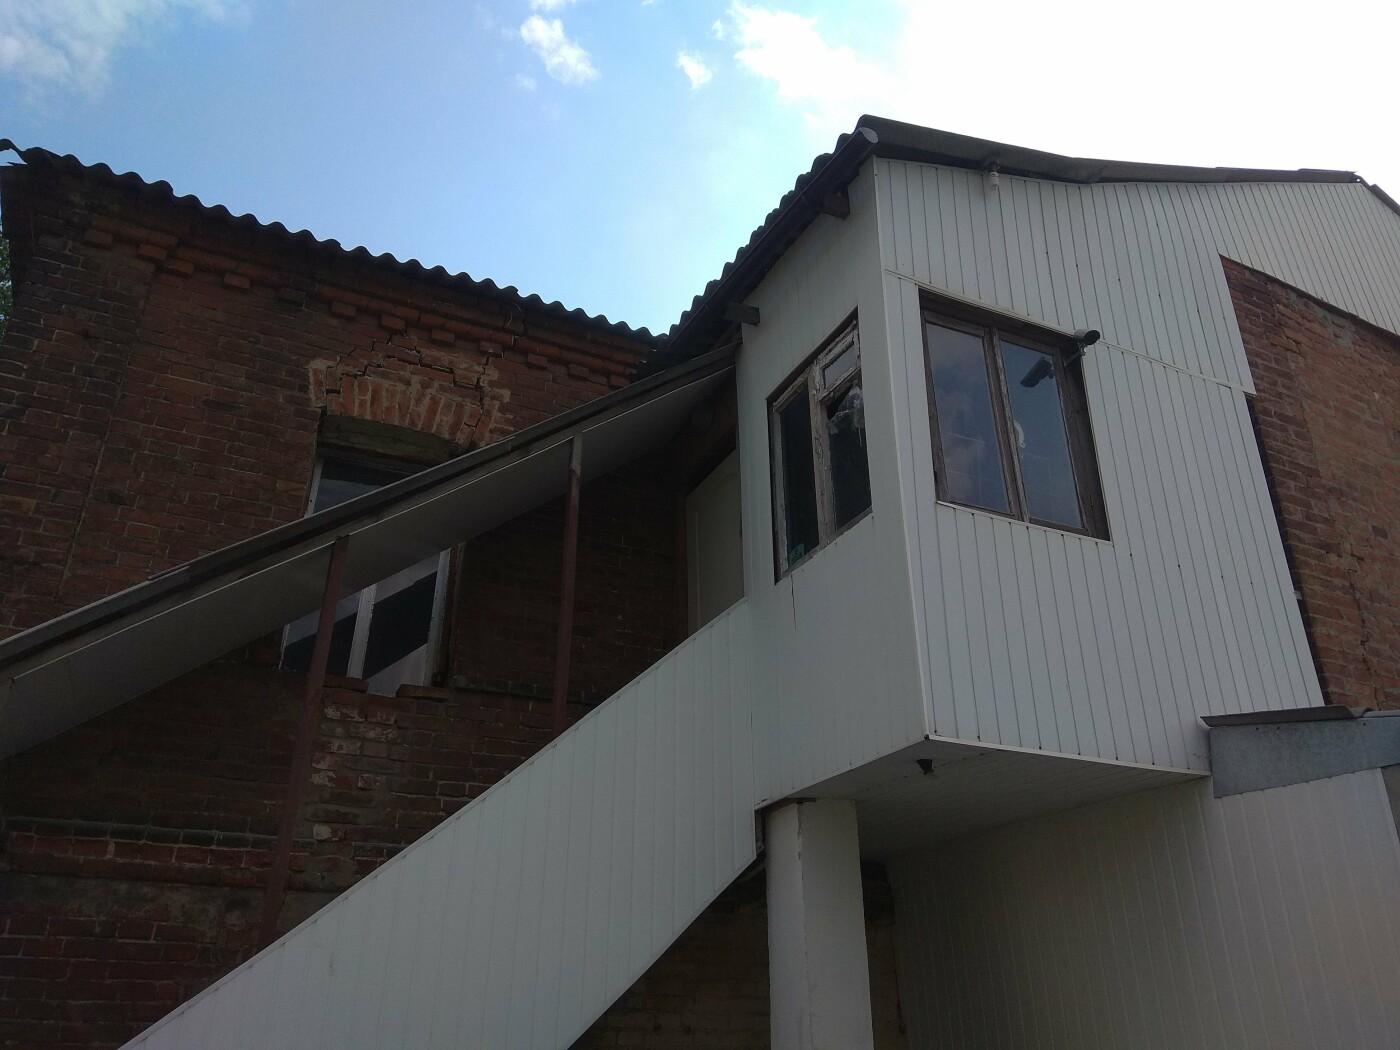 10 лет без ремонта: почему в Харькове не спешат восстанавливать аварийный дом, - ФОТО, фото-33